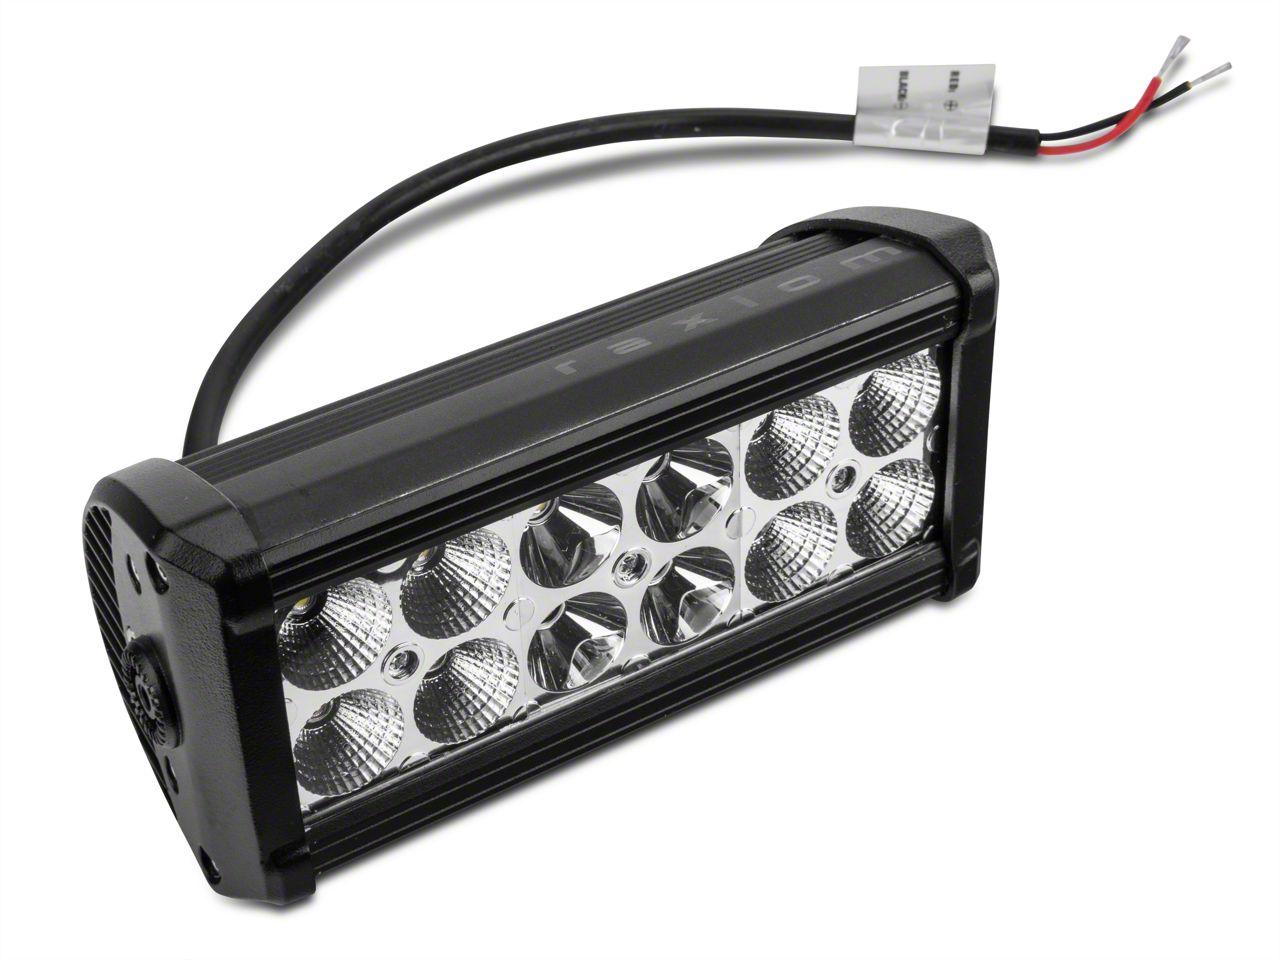 Raxiom 7.5 in. Double Row LED Light Bar - Flood/Spot Combo